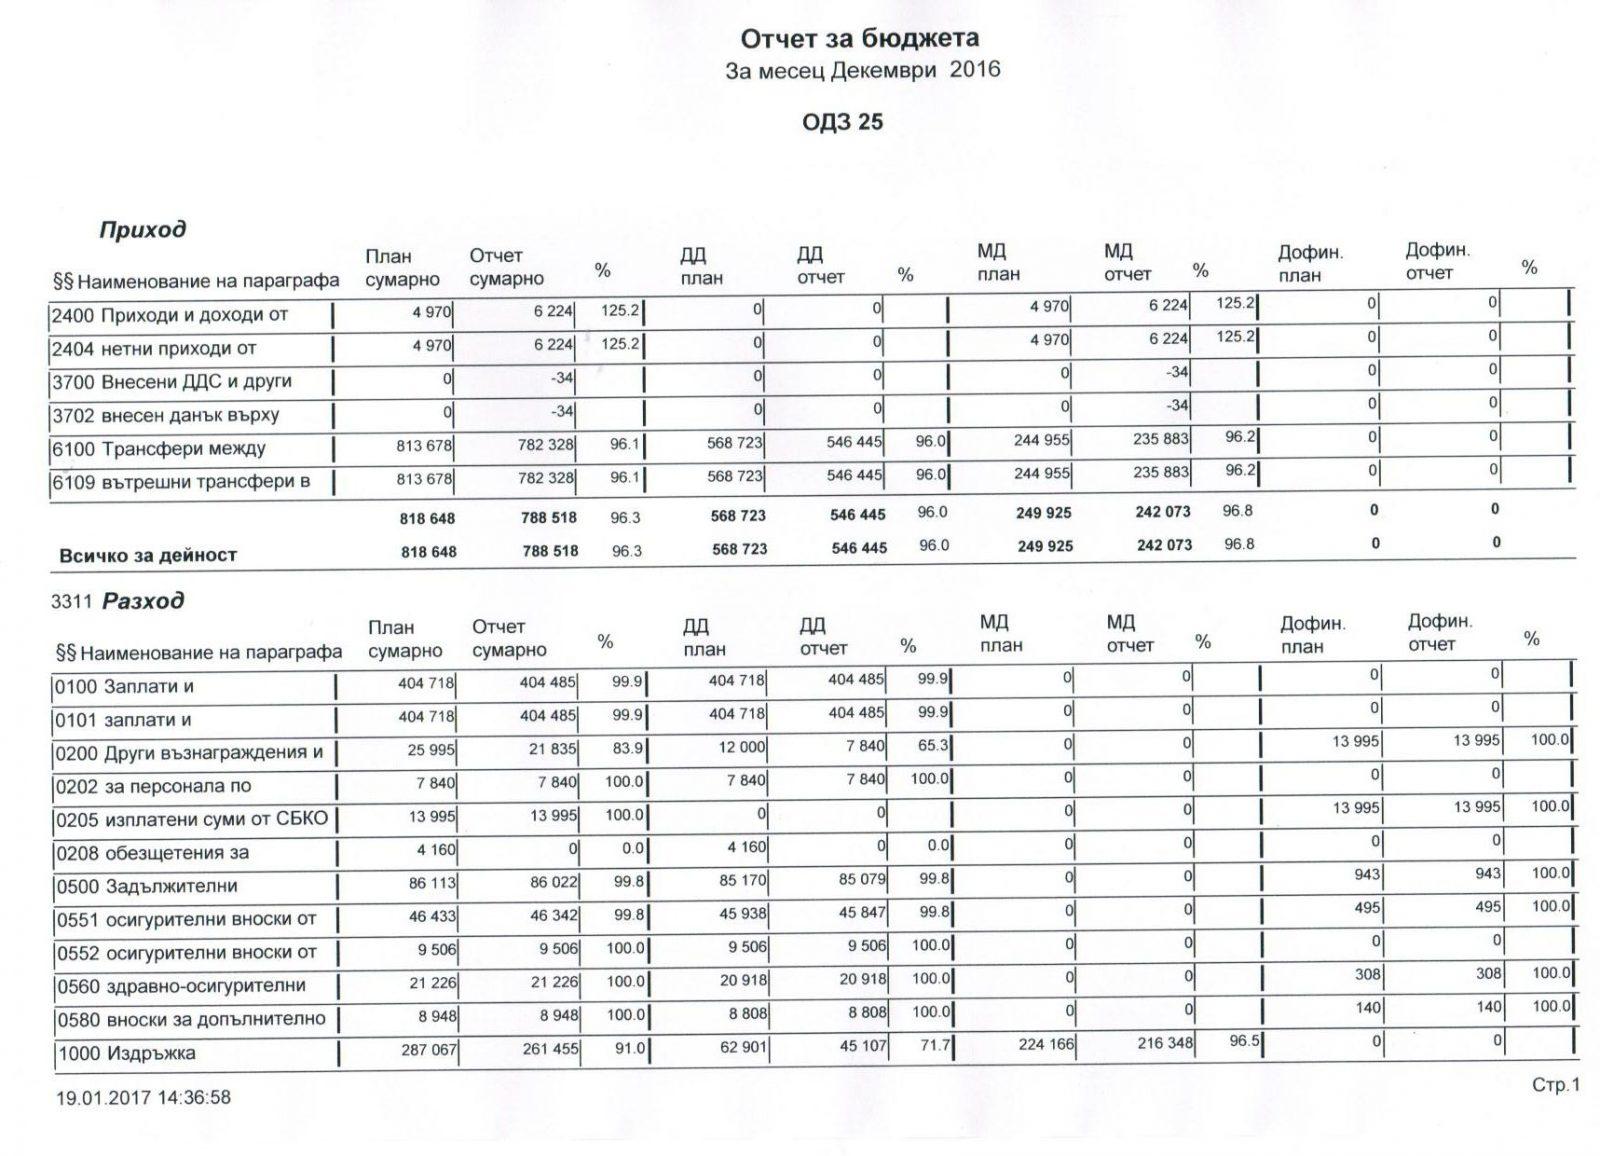 Отчет за бюджета за месец Декември 2016-стр 1